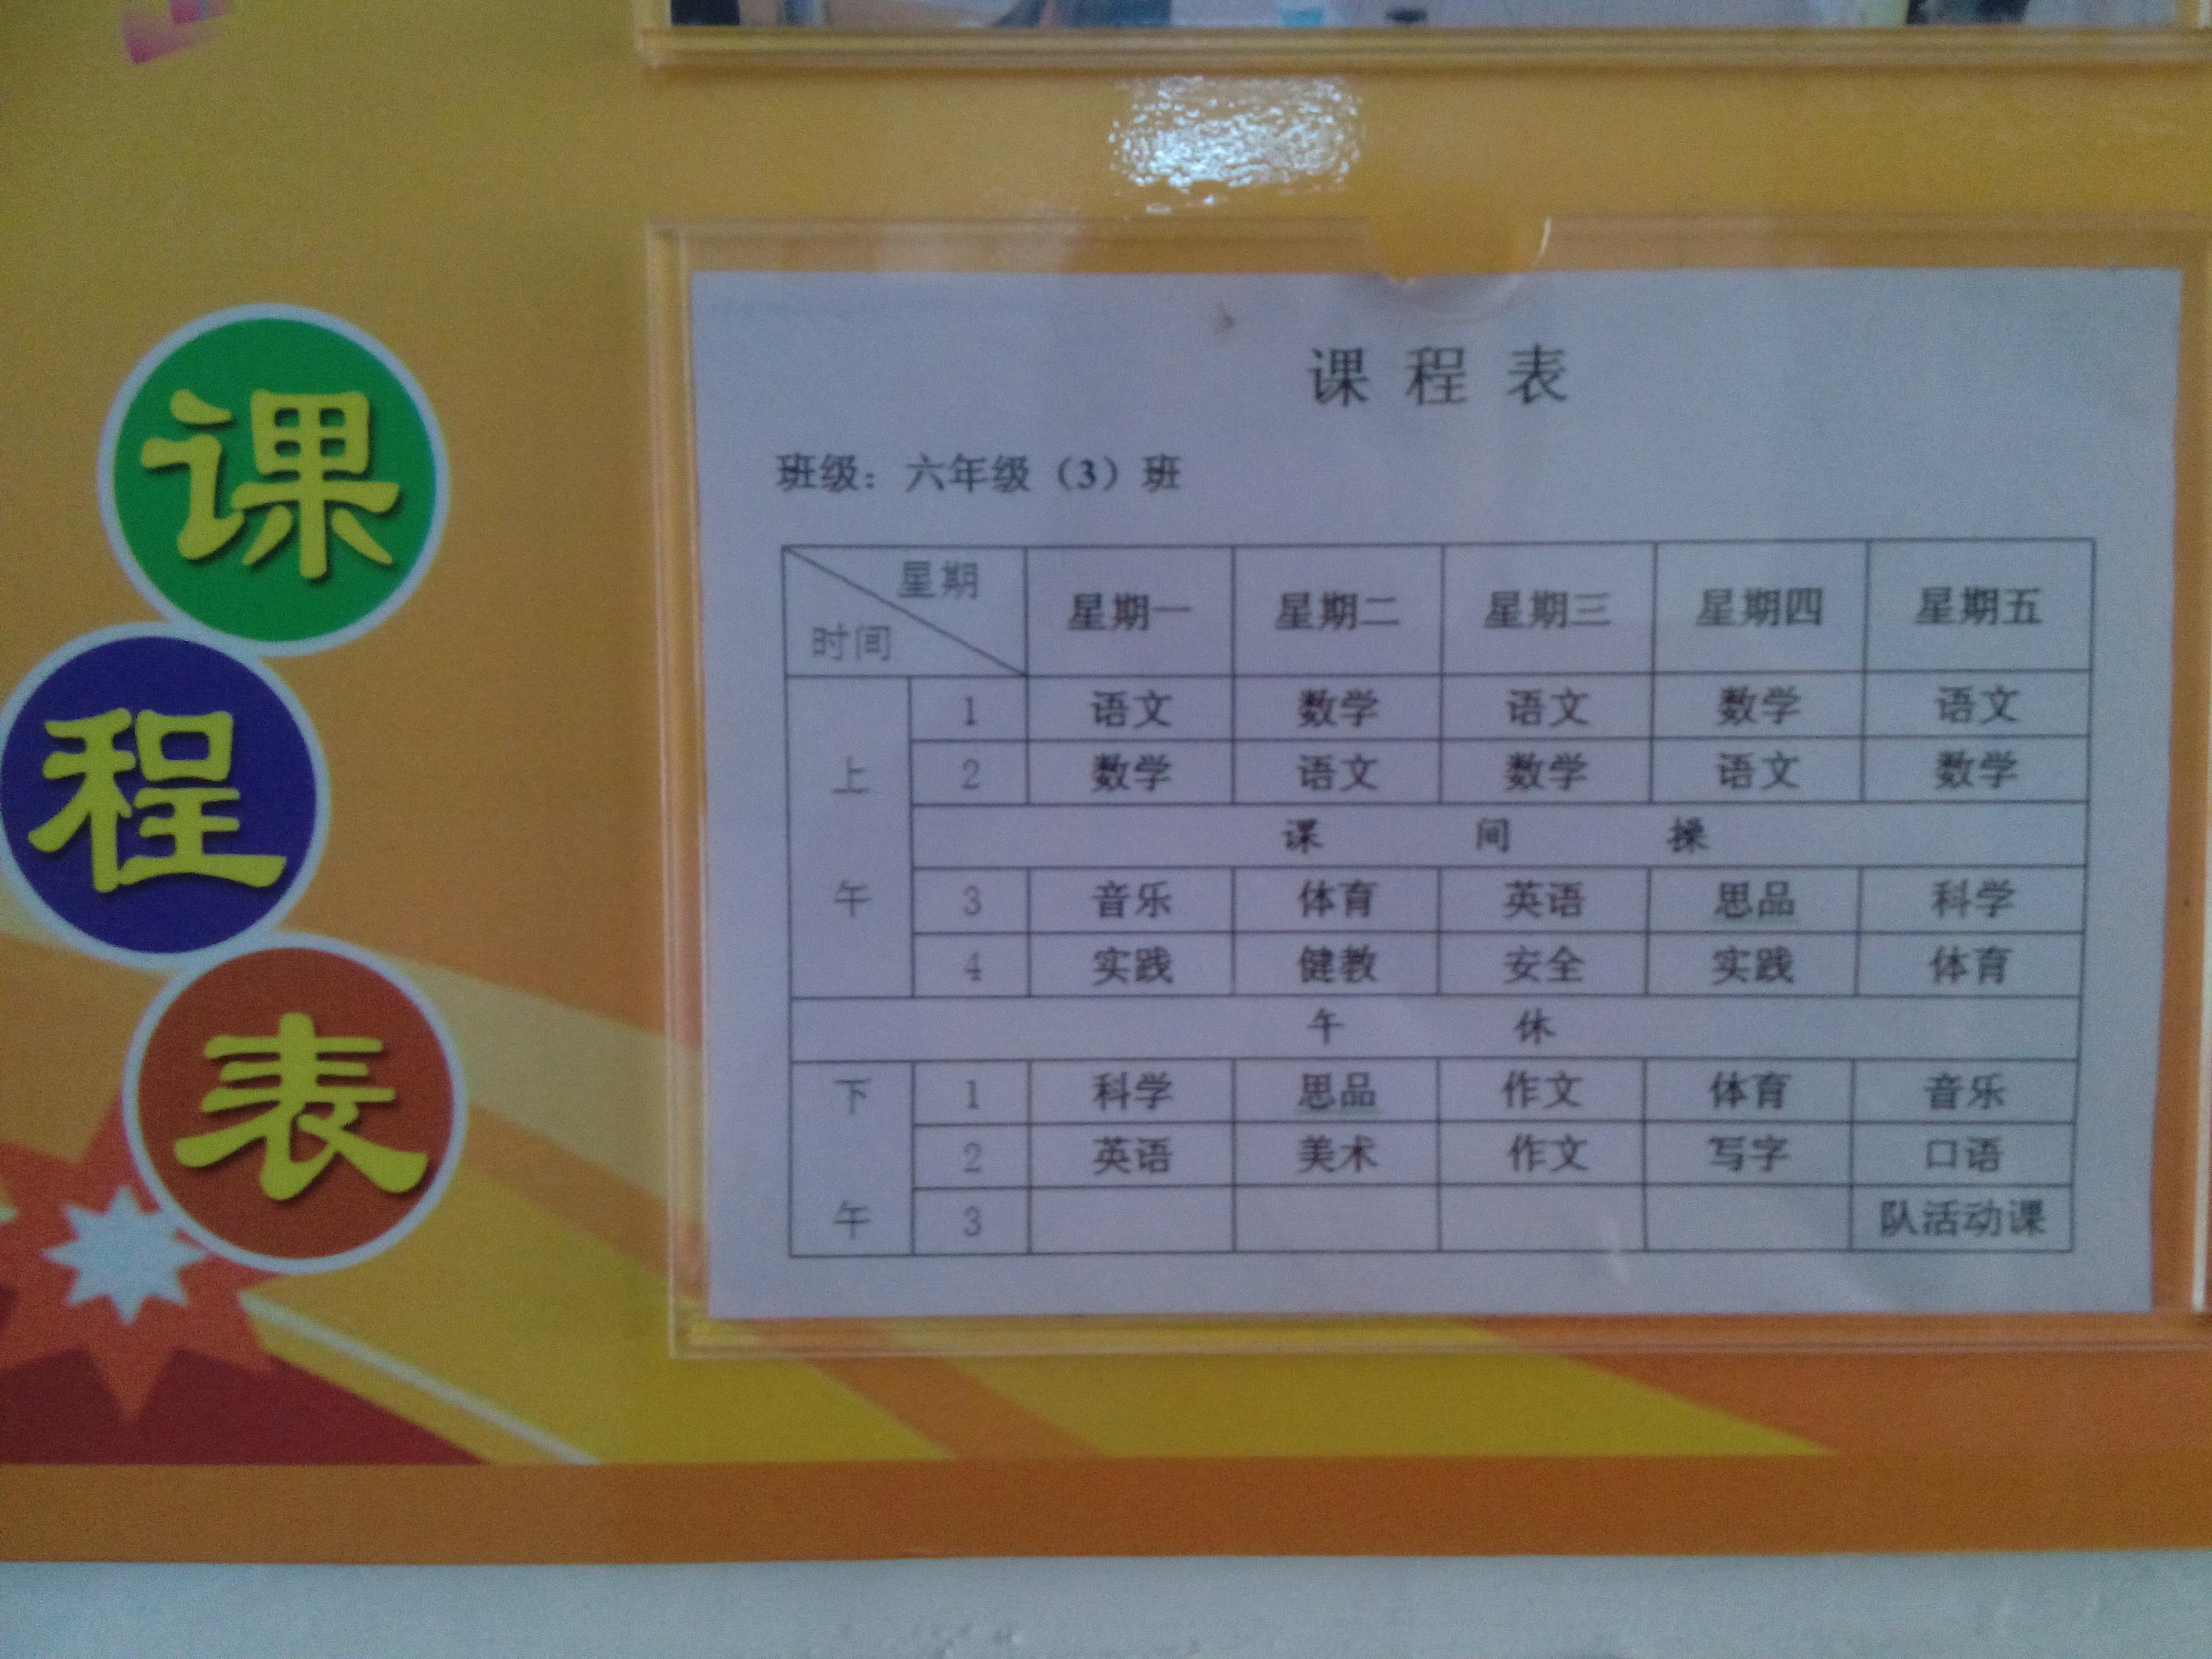 联盟路小学六年级班级课程表